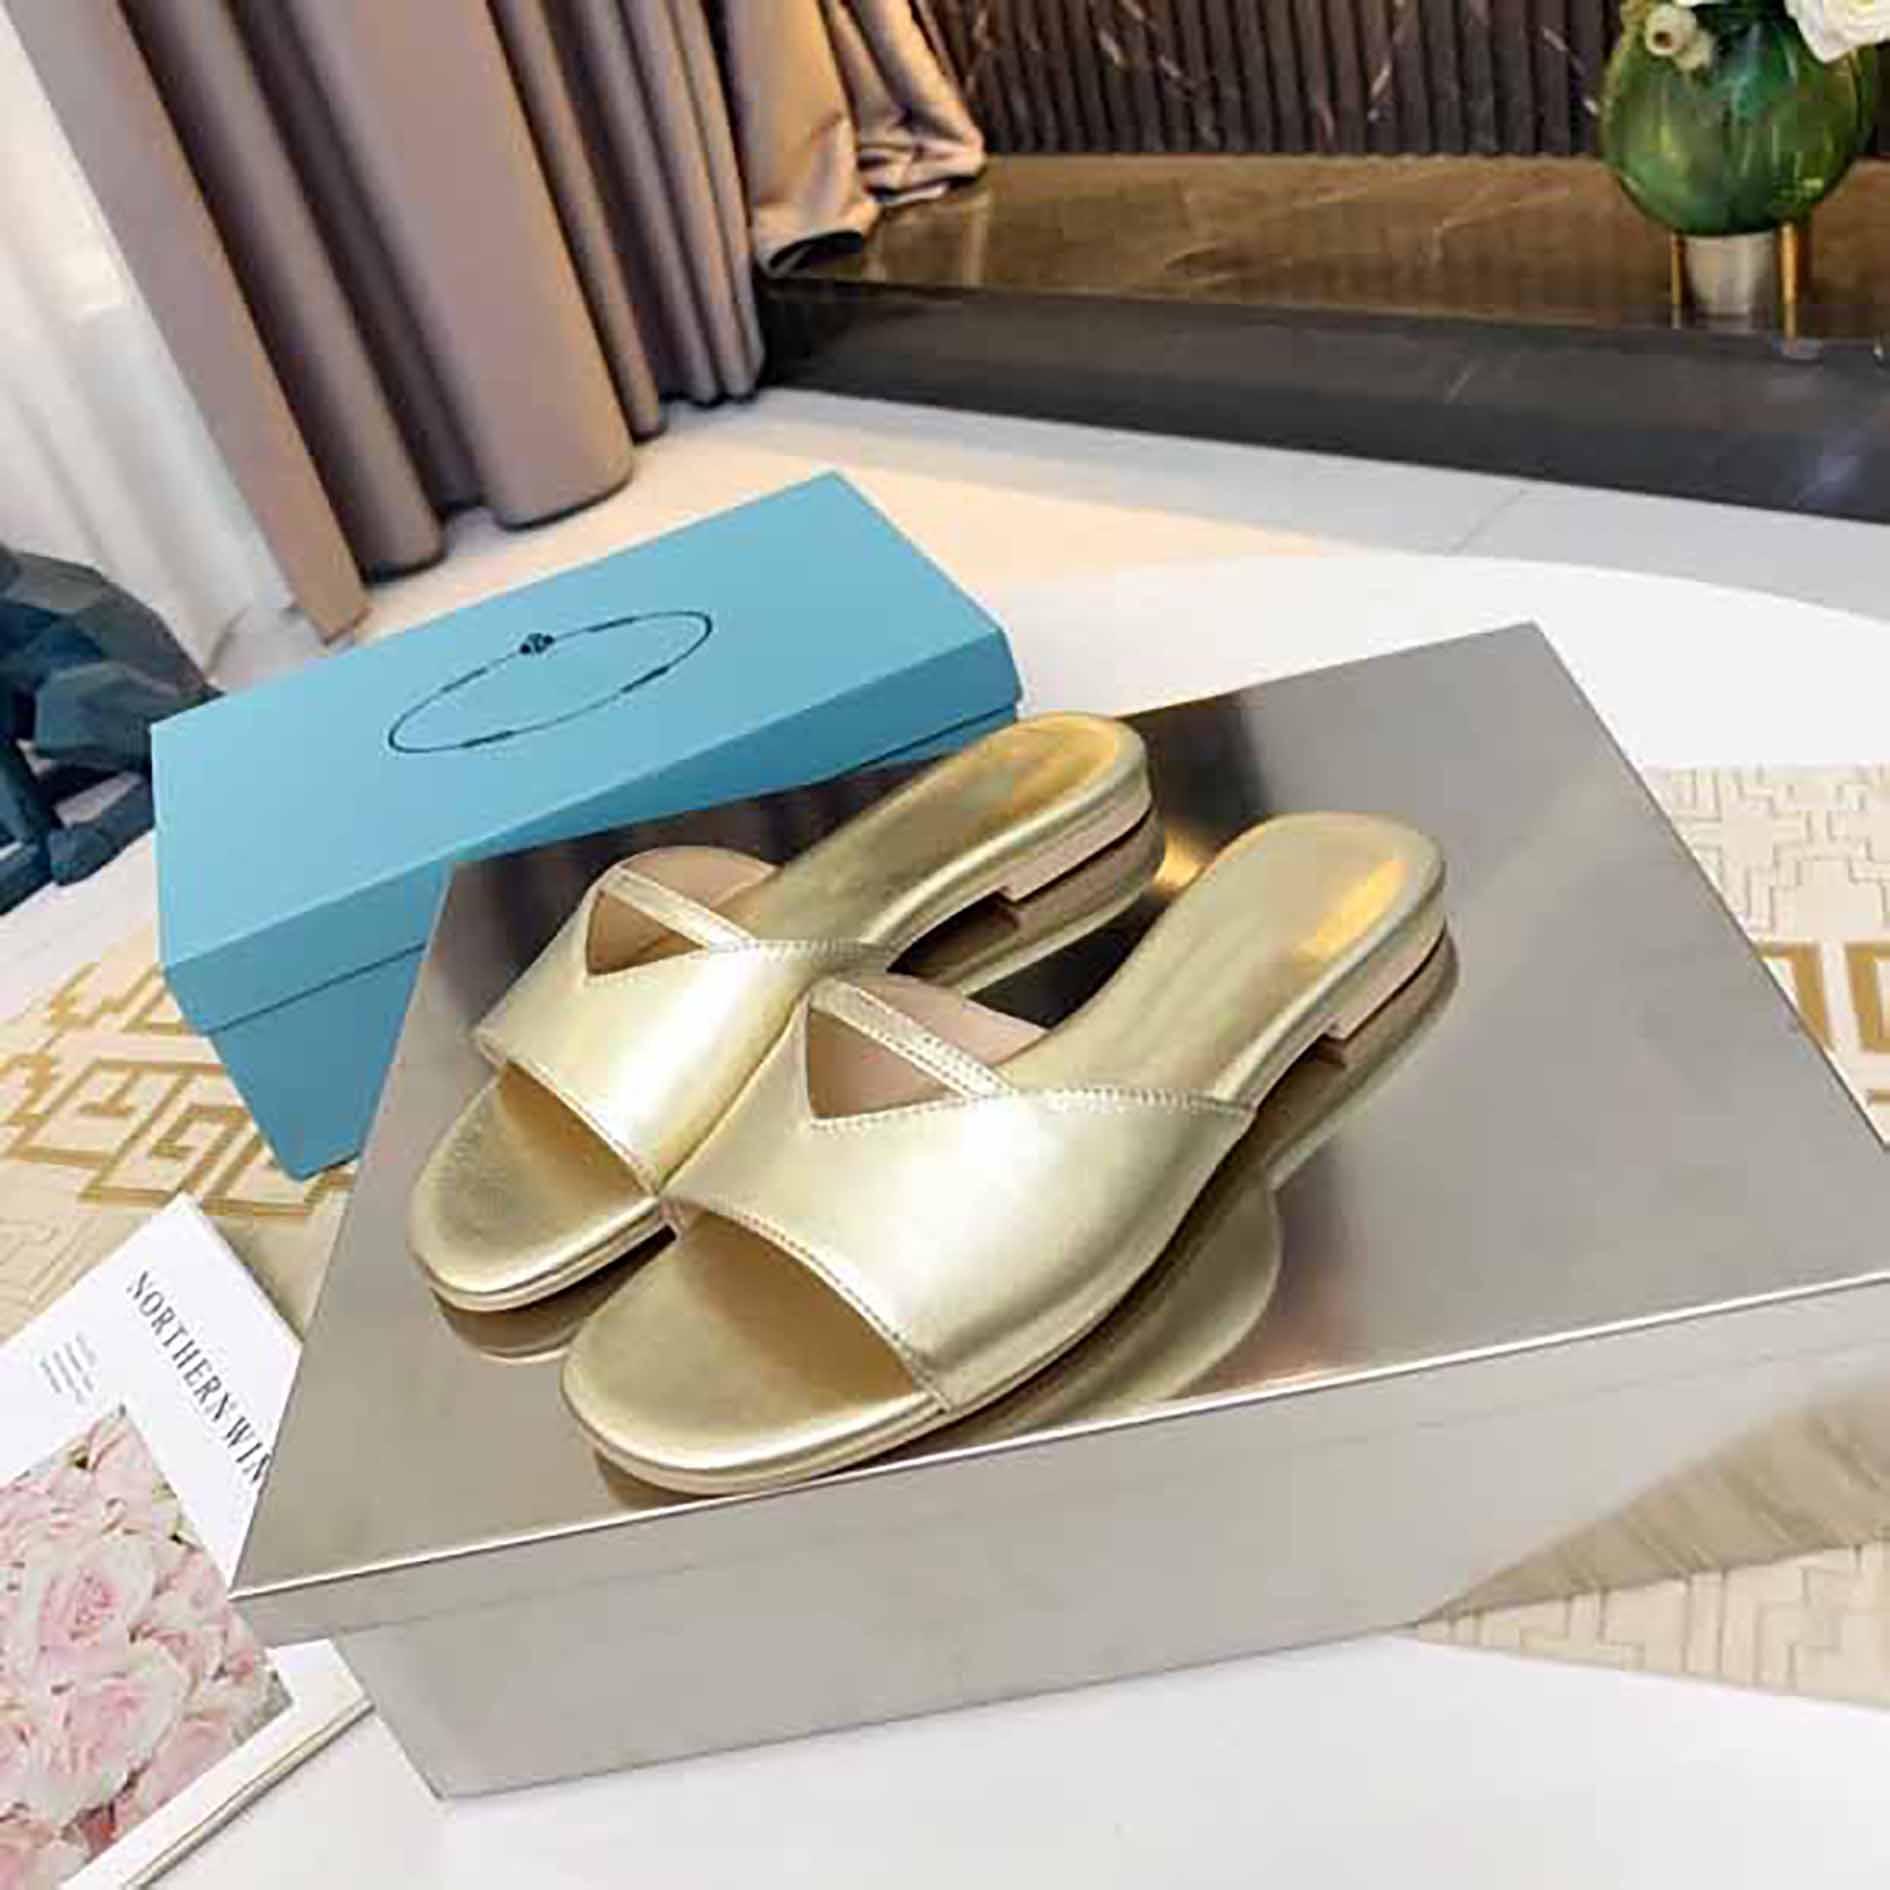 Размер 42 Четыре Цвета Женские Летние Сандалии Пляж Слайд Тапочки Крокодил Кожа Кожа Шлипы Сексуальные каблуки Дамы Сандали Мода Дизайн Обувь